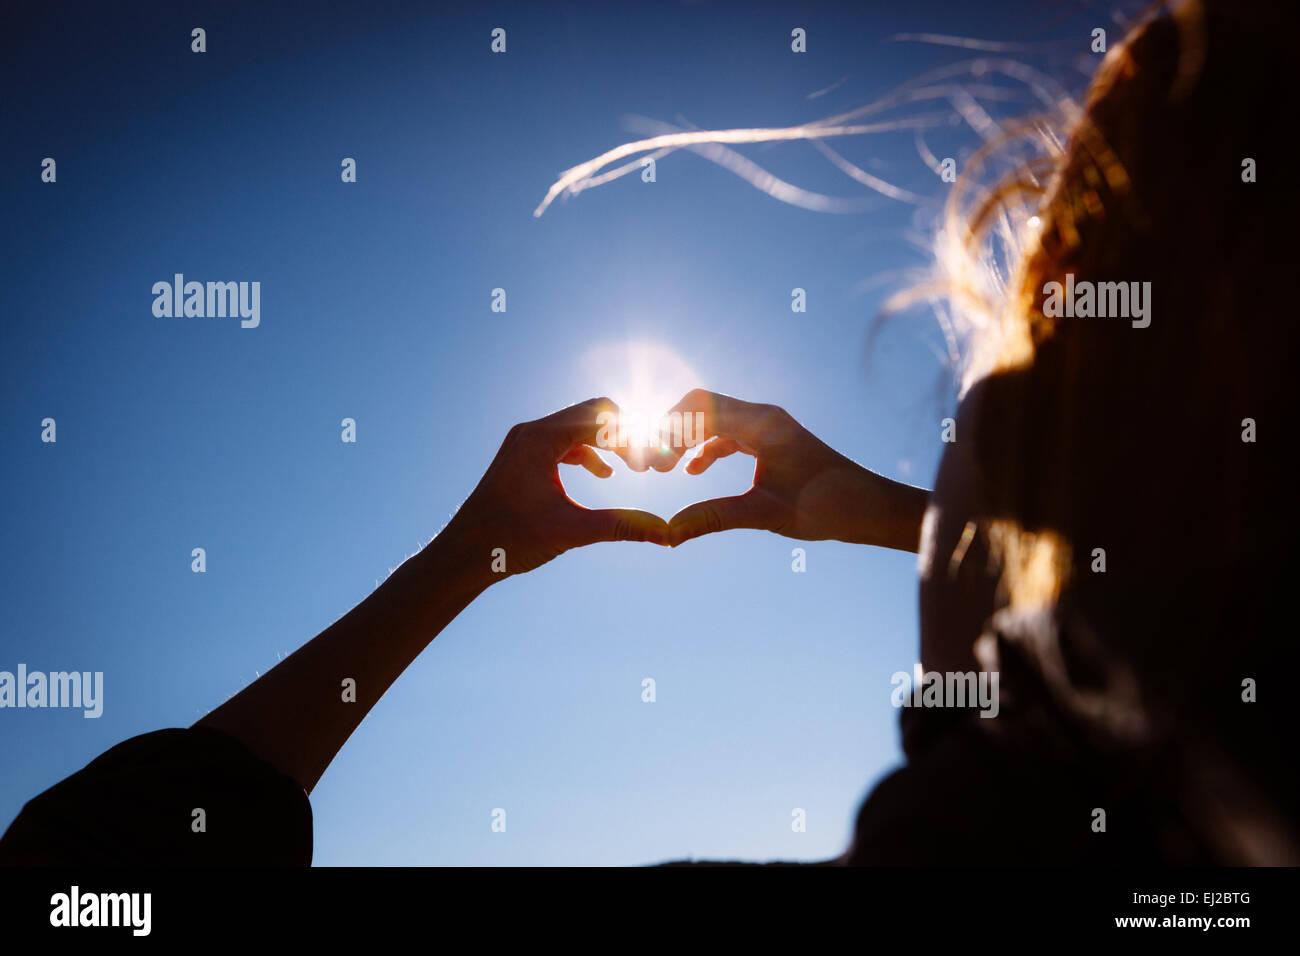 Mains en faisant l'amour forme signe sur ciel bleu. Photo Stock